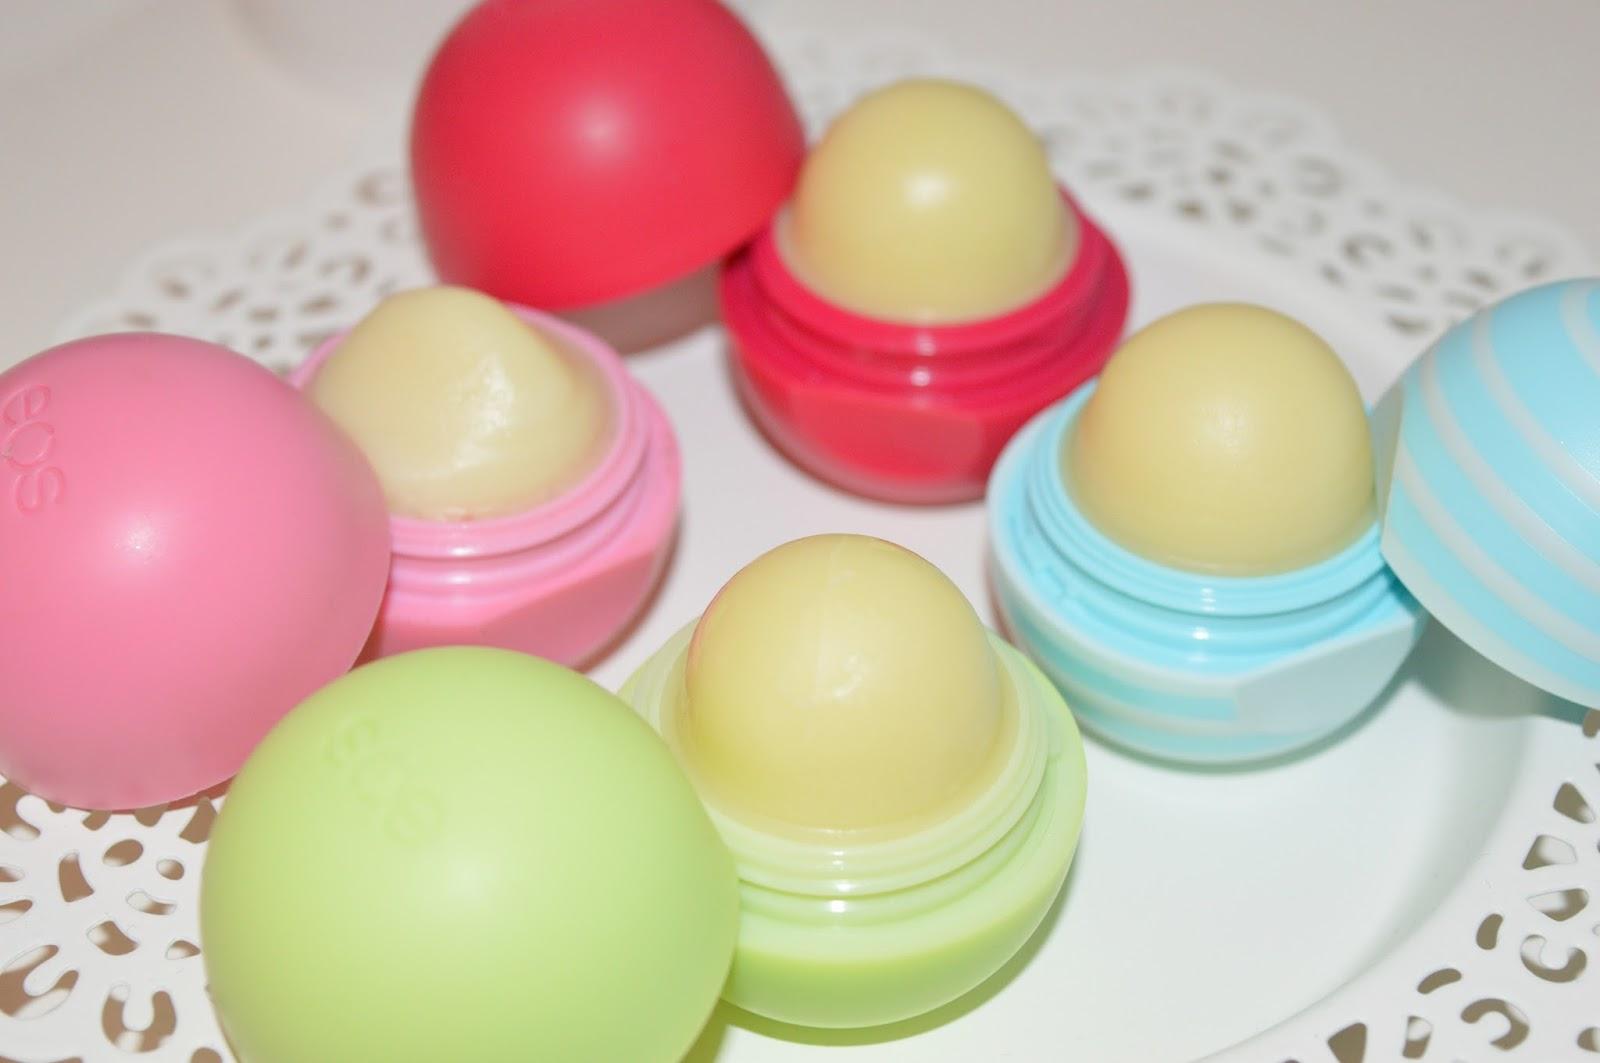 Viva la vida - Slovenian fashion and beauty blog : Eos lip ...